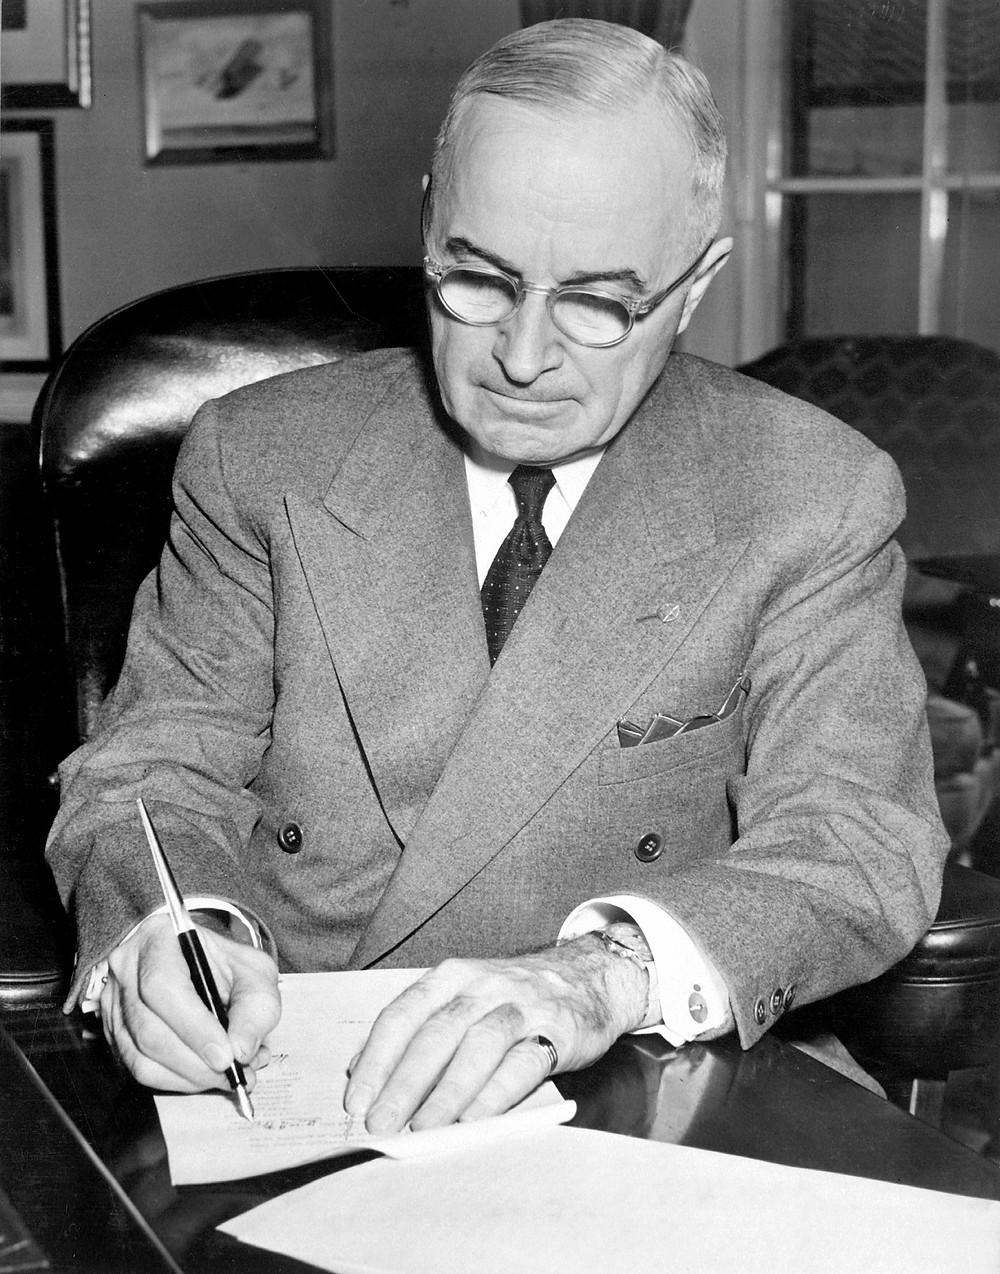 圖為杜鲁门总统正在簽署法案